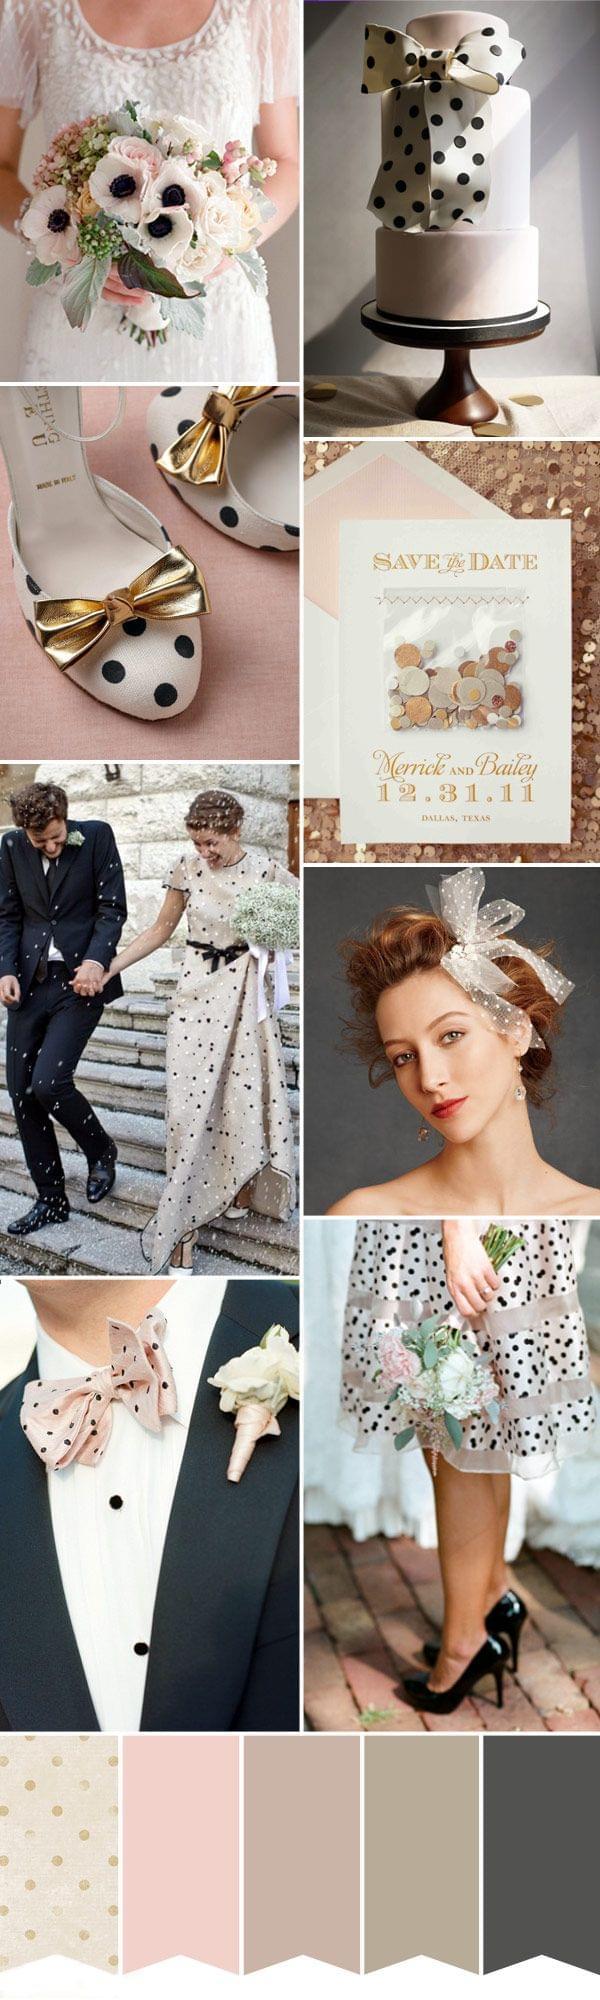 deb0a784b4 Twoja wymarzona suknia ślubna (Największa lista)